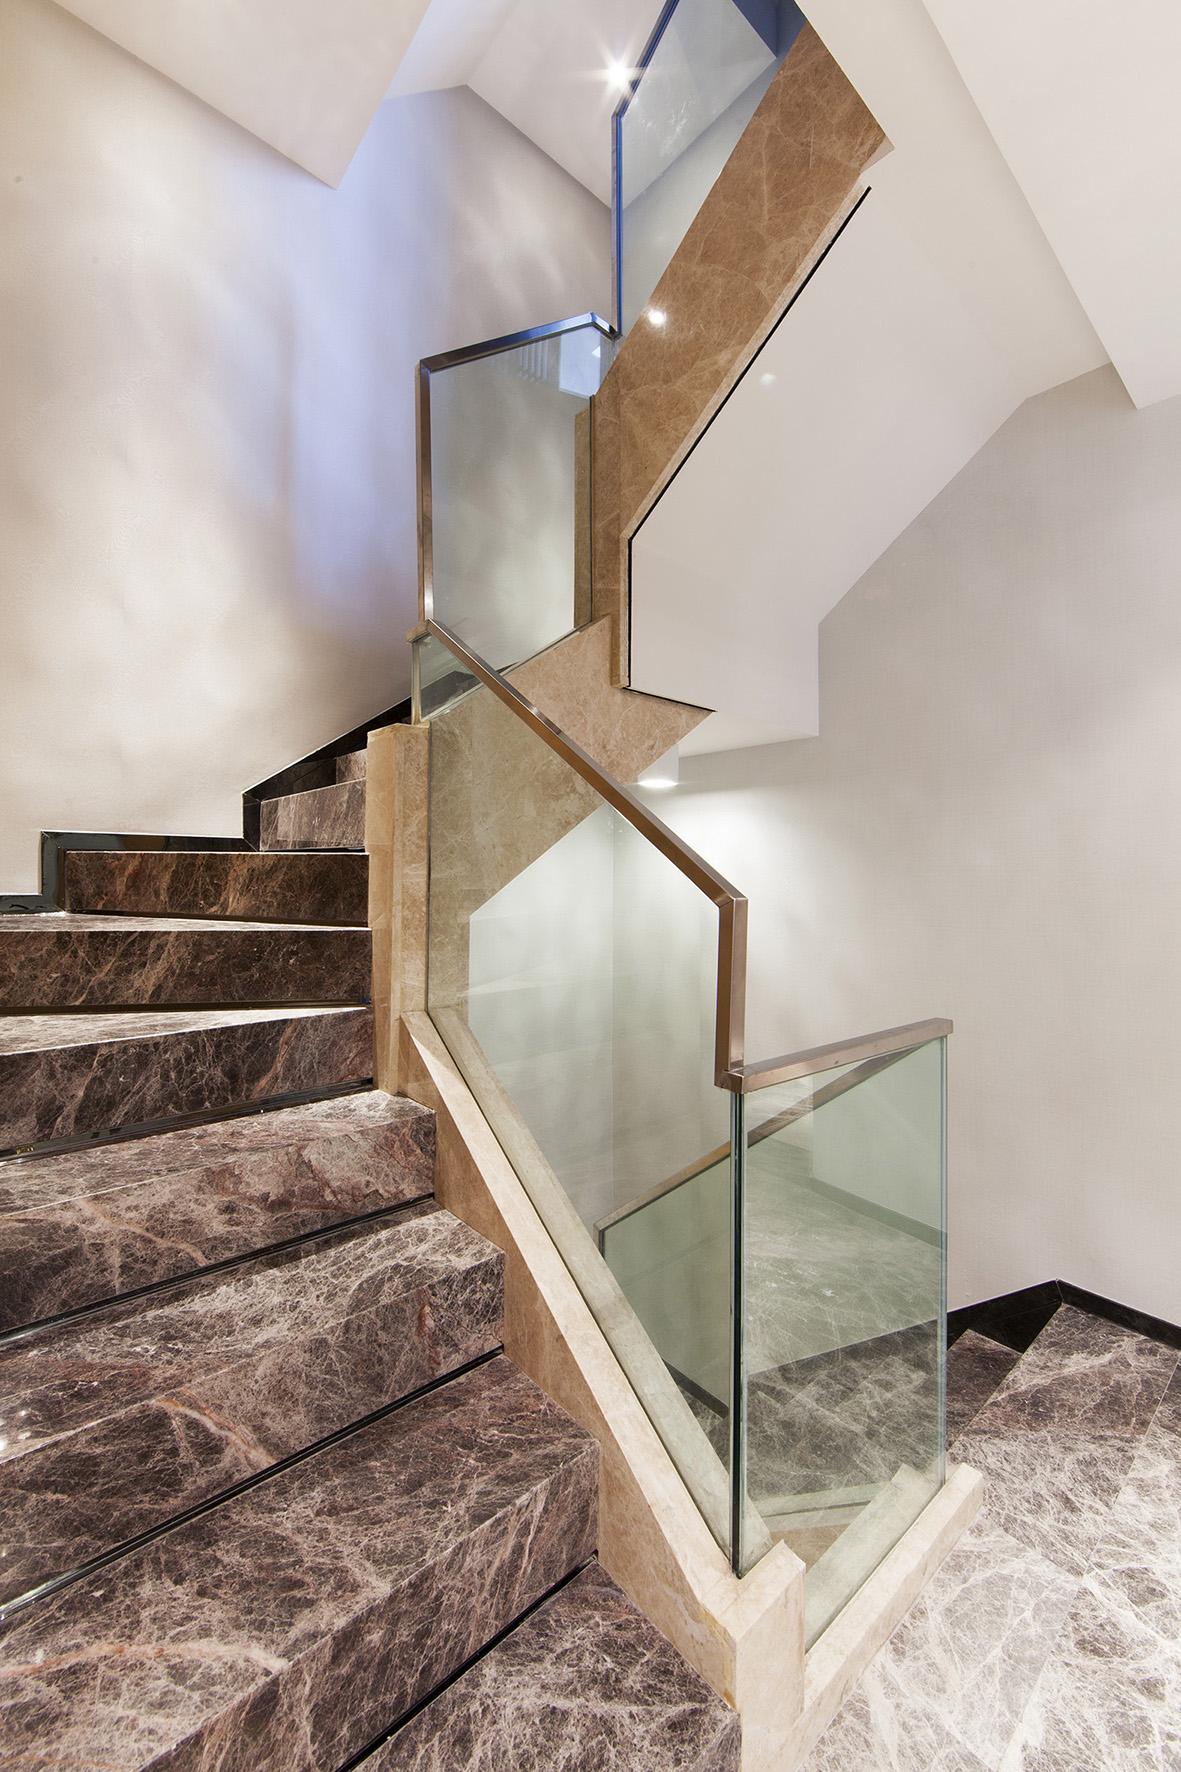 别墅 别墅装修 别墅设计 紫玉山庄 现代风格 楼梯图片来自北京高度国际在时尚不简单,紫玉山庄现代风格的分享